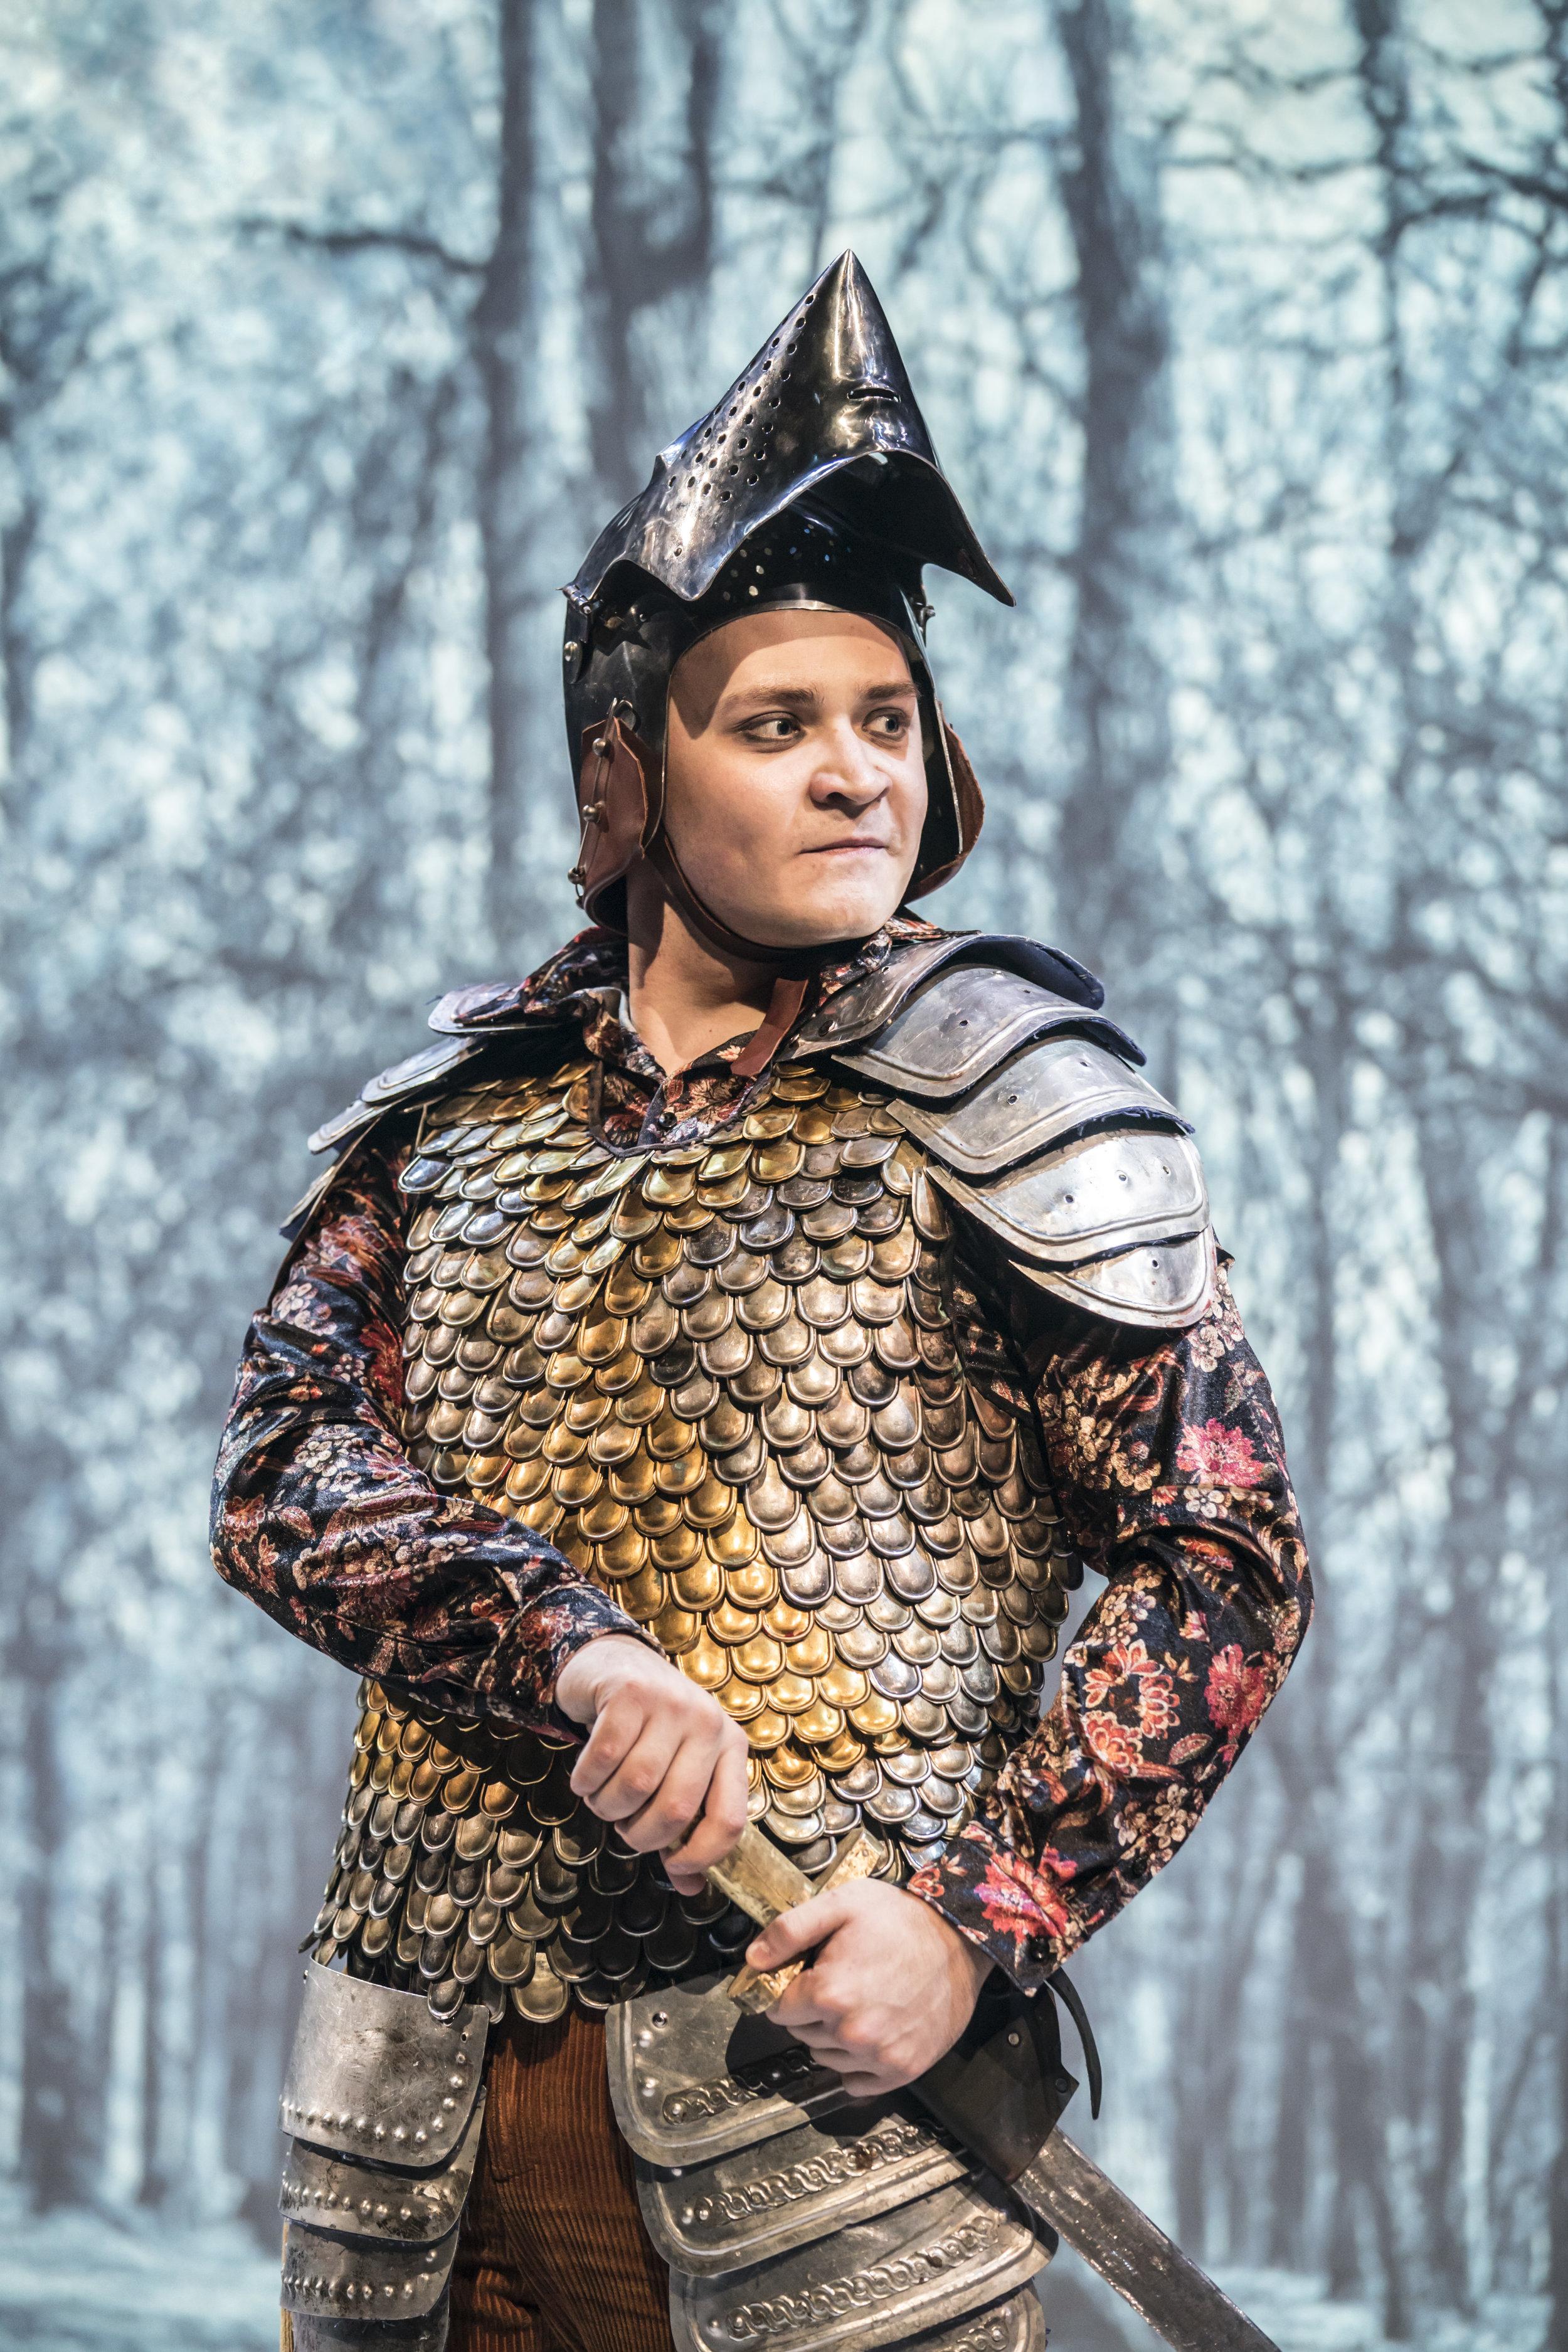 Nazar Safronov as Rafe. Image © Johan Persson